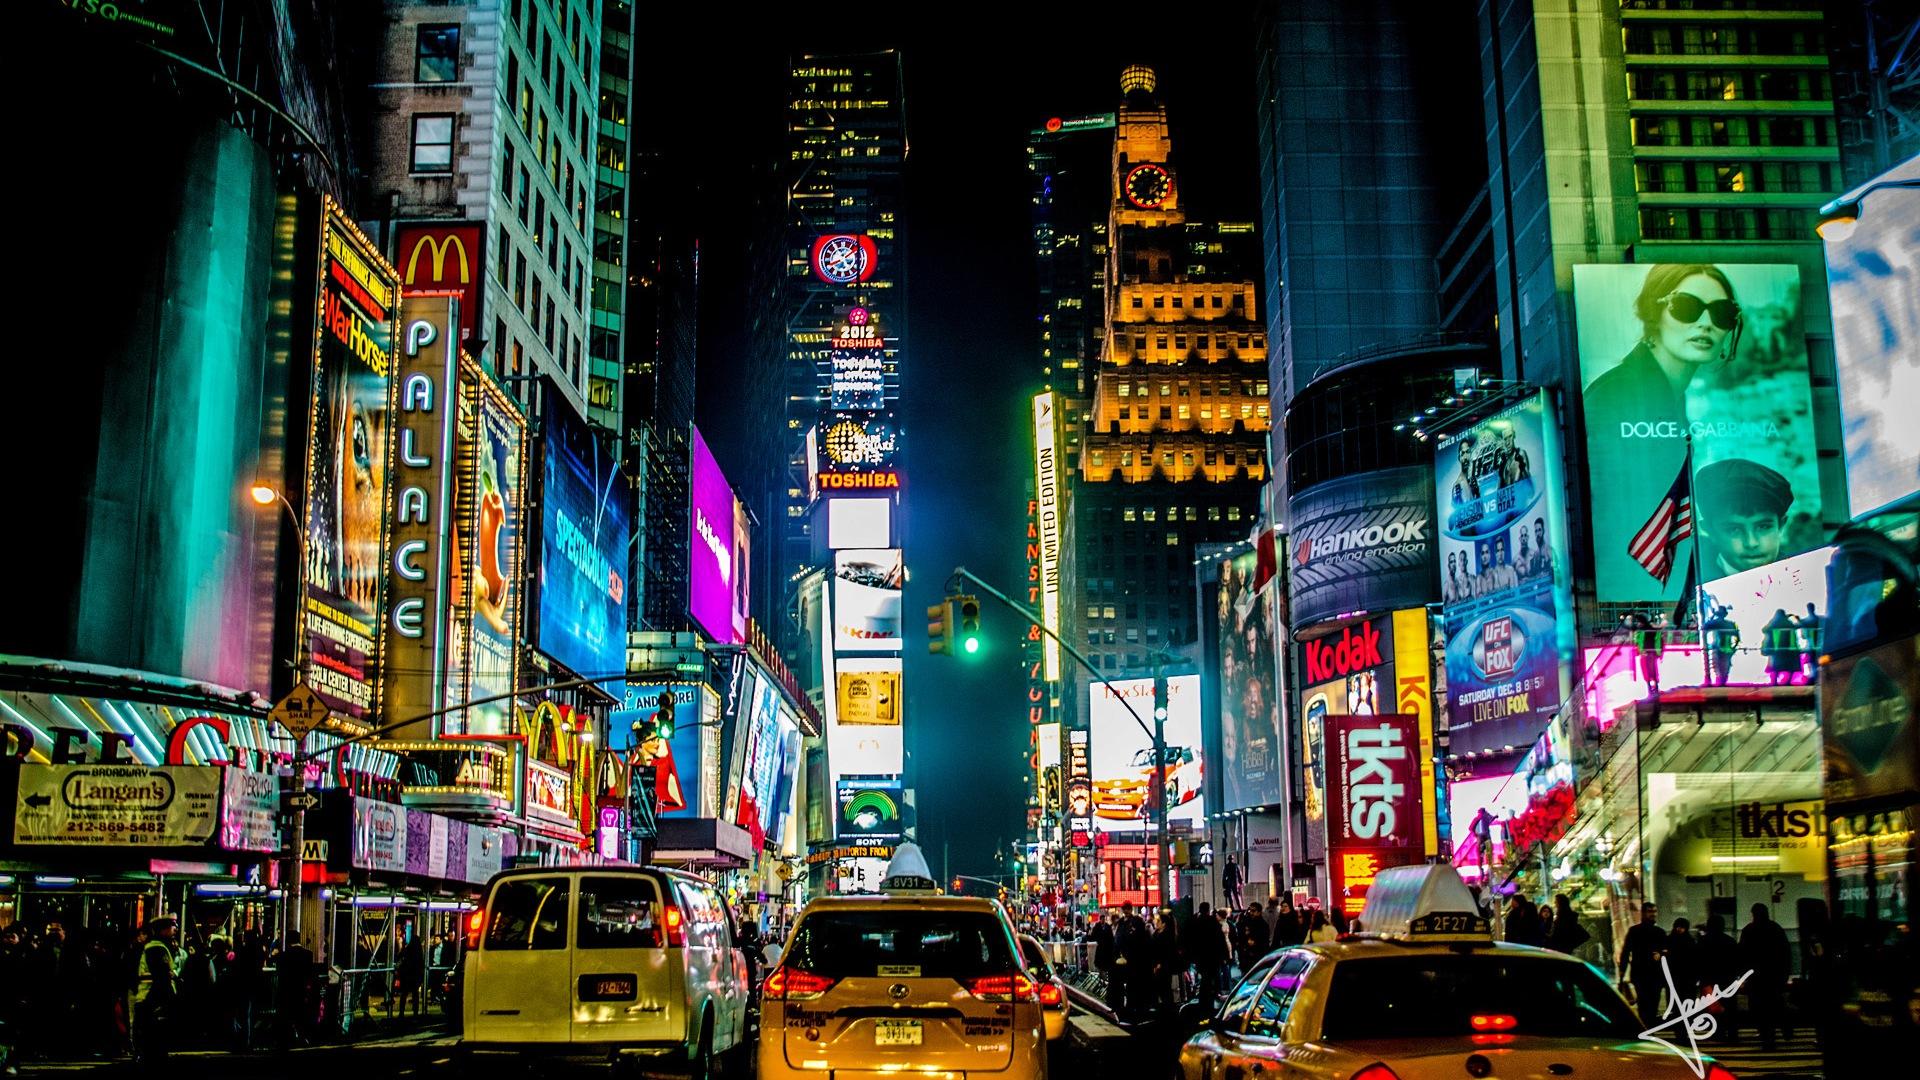 fond d'ecran new york